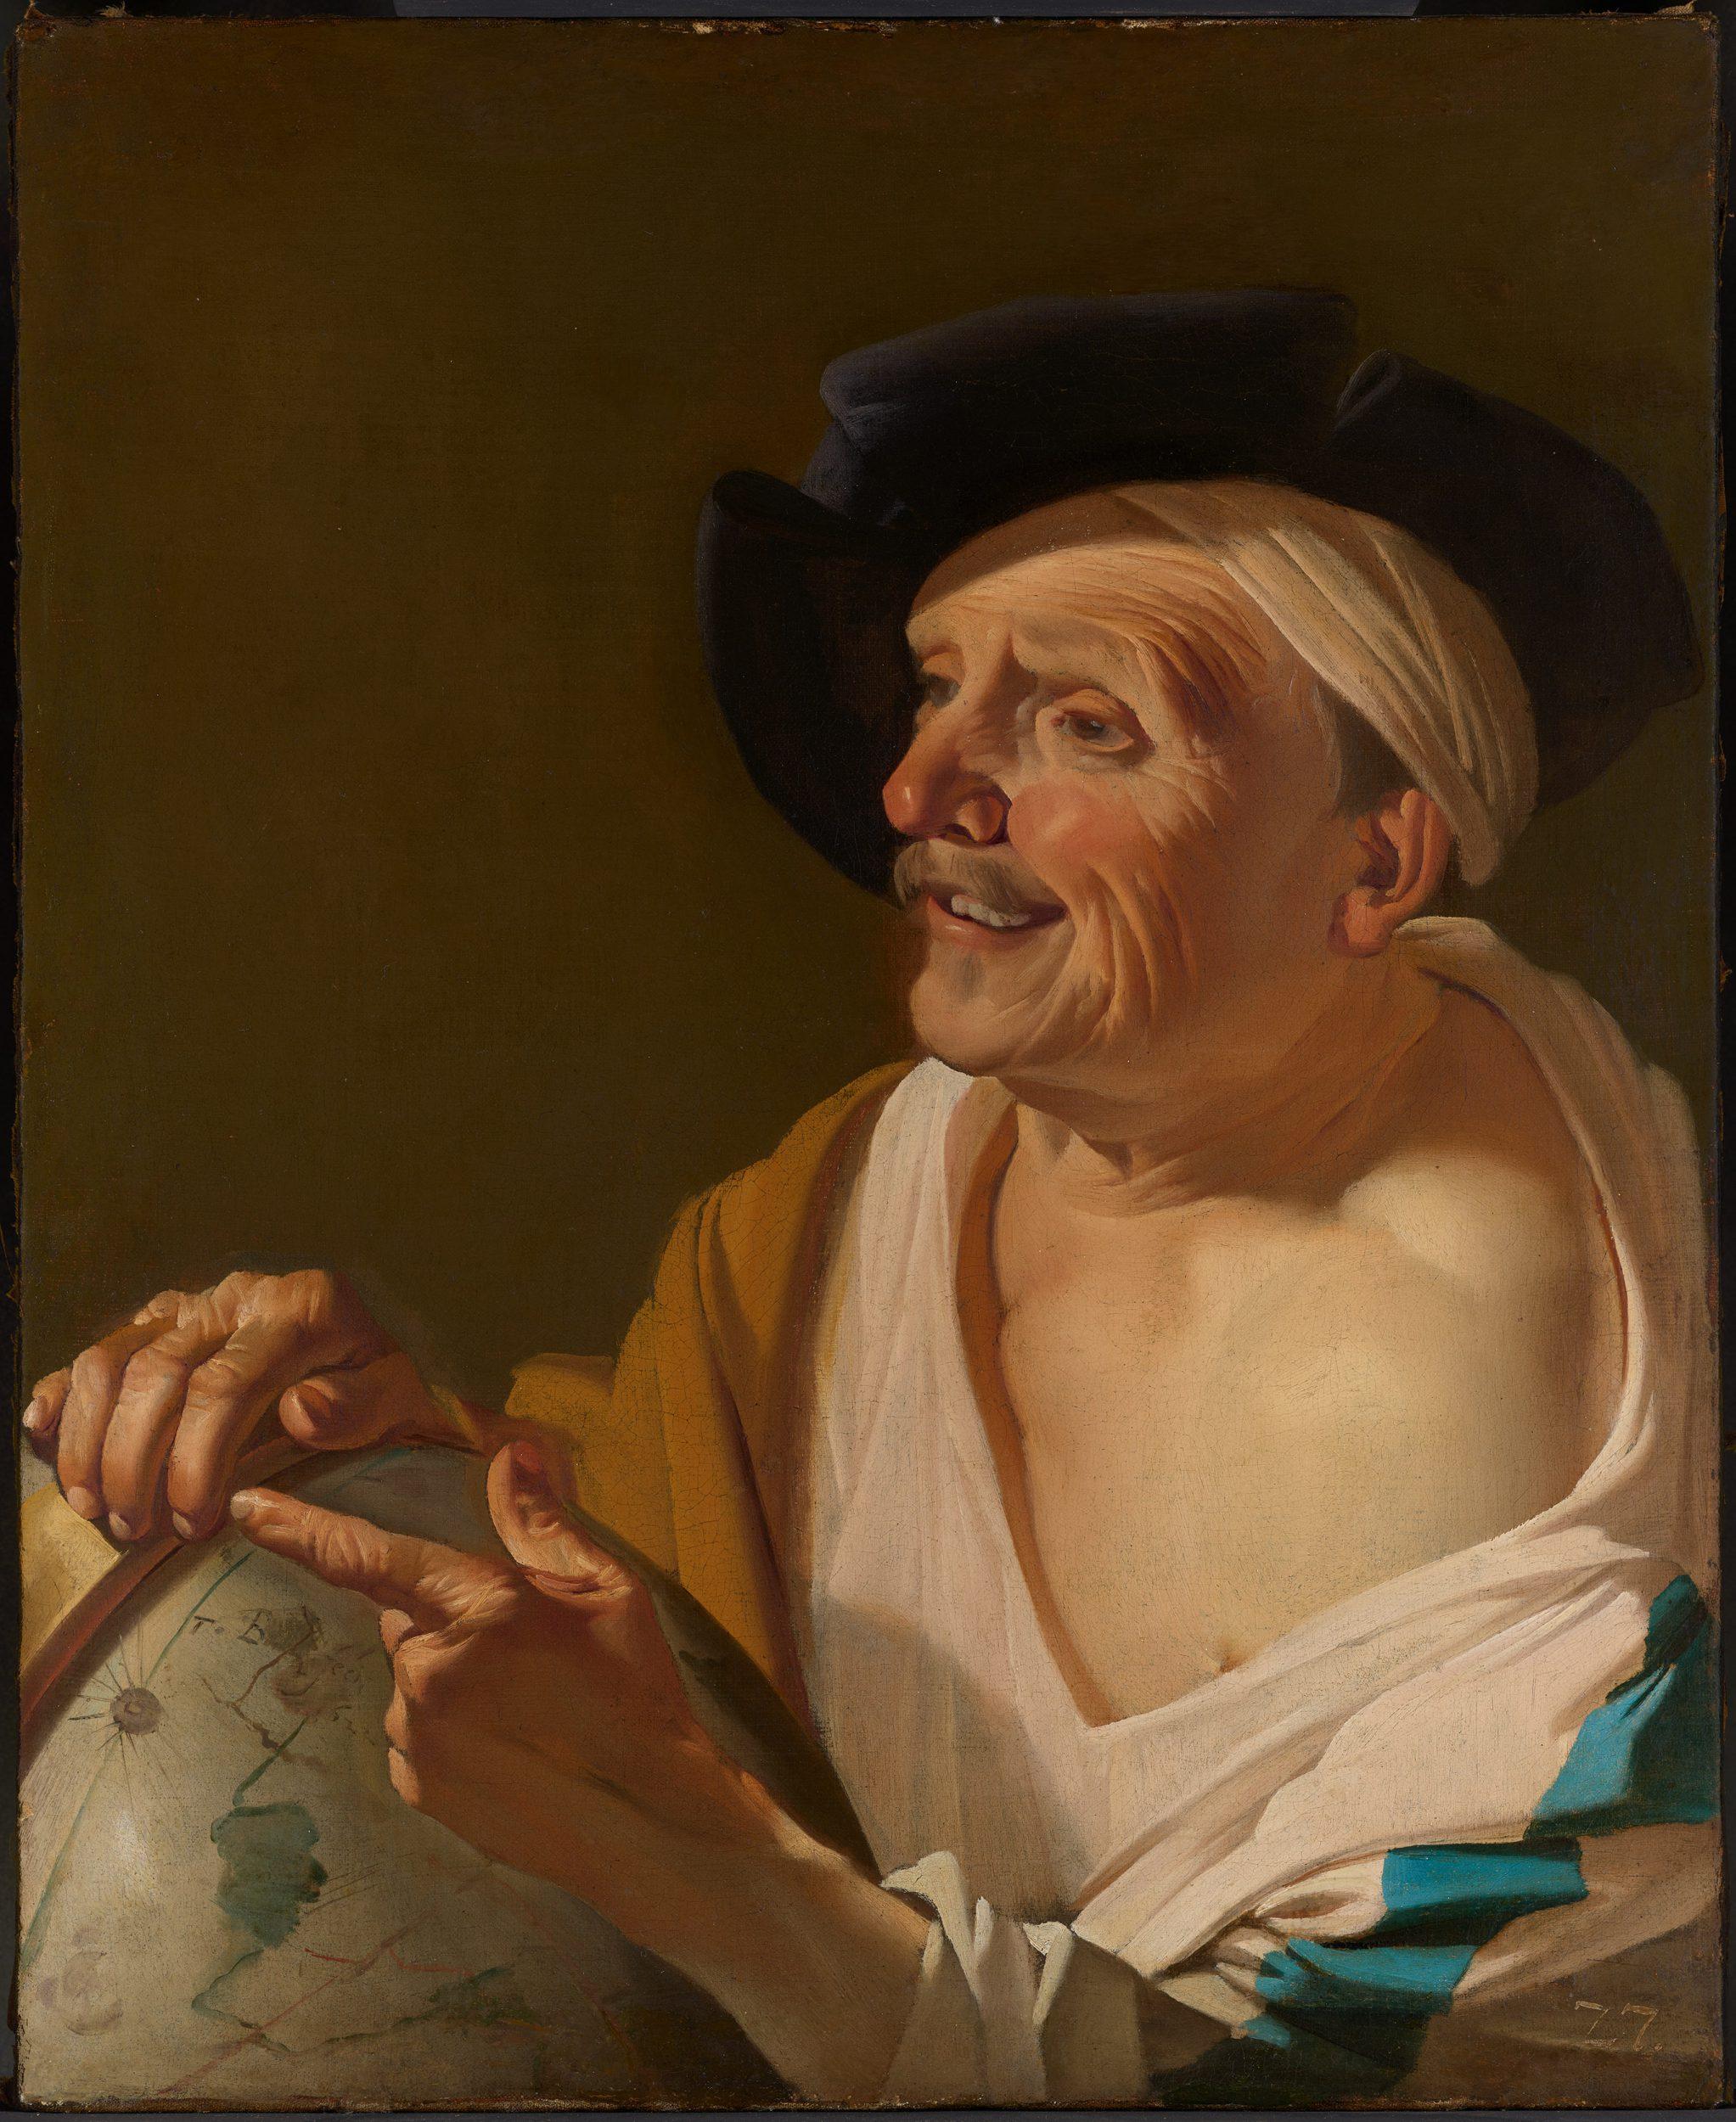 Democritus laughing